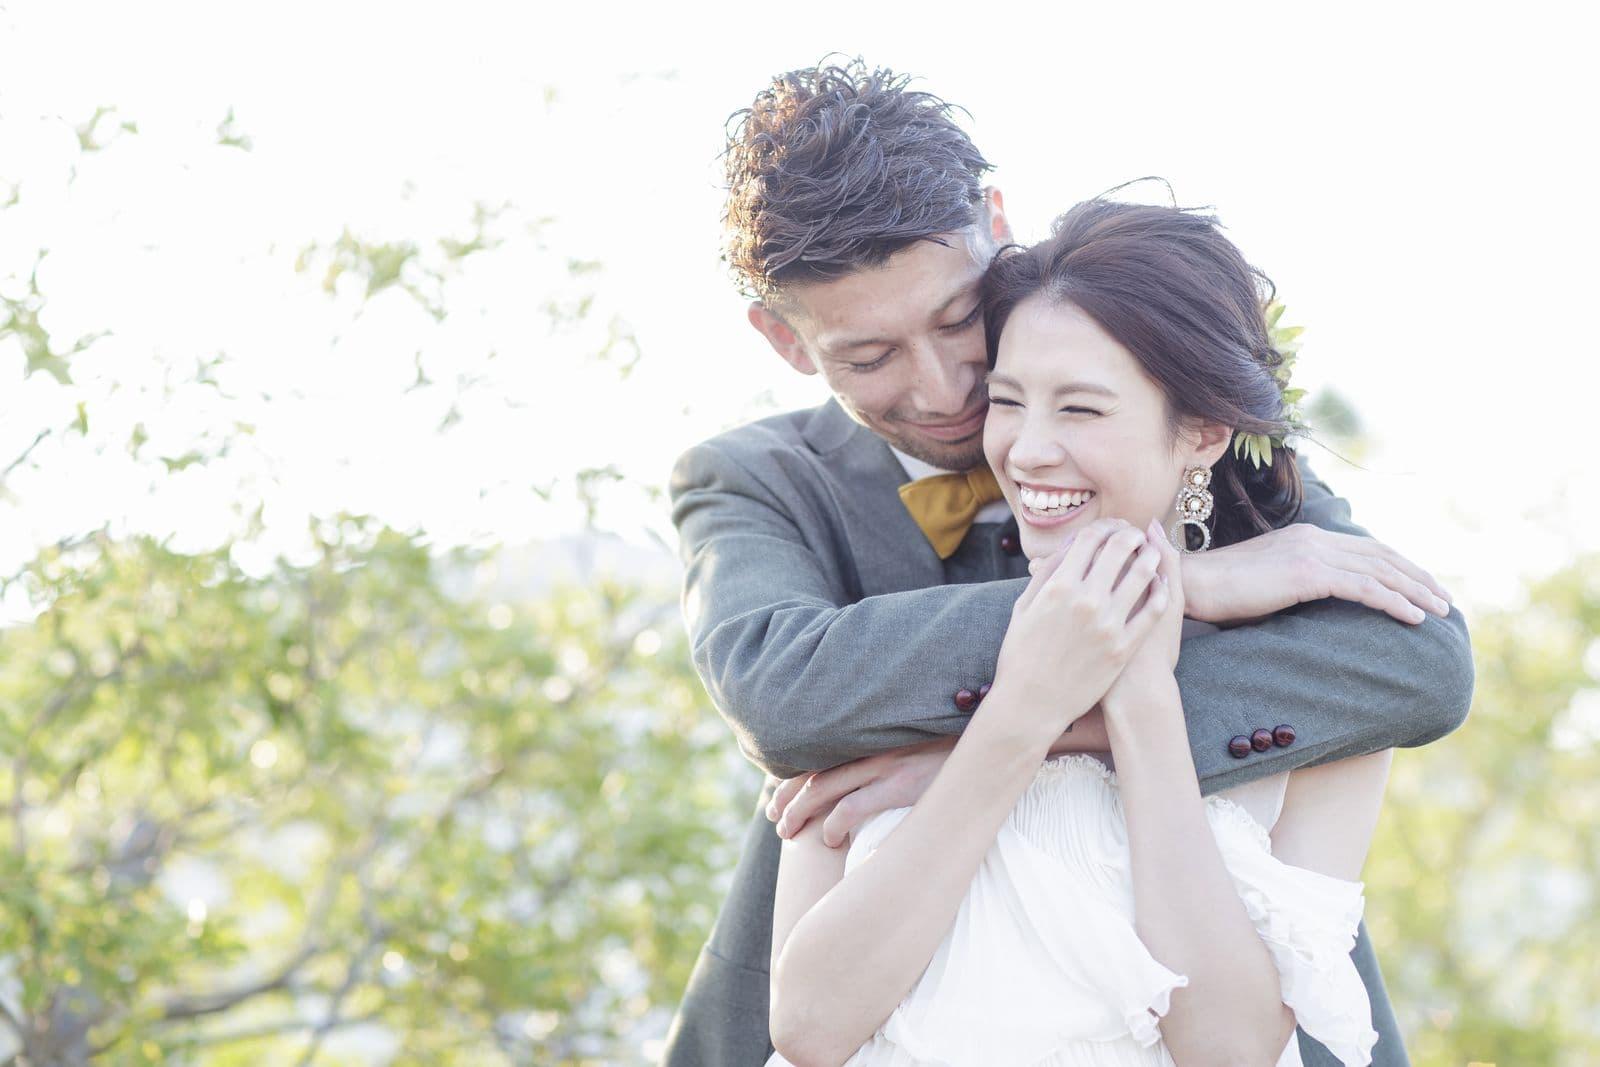 高松市の結婚式場アイルバレクラブのコンセプト「ハグアンドシェア」